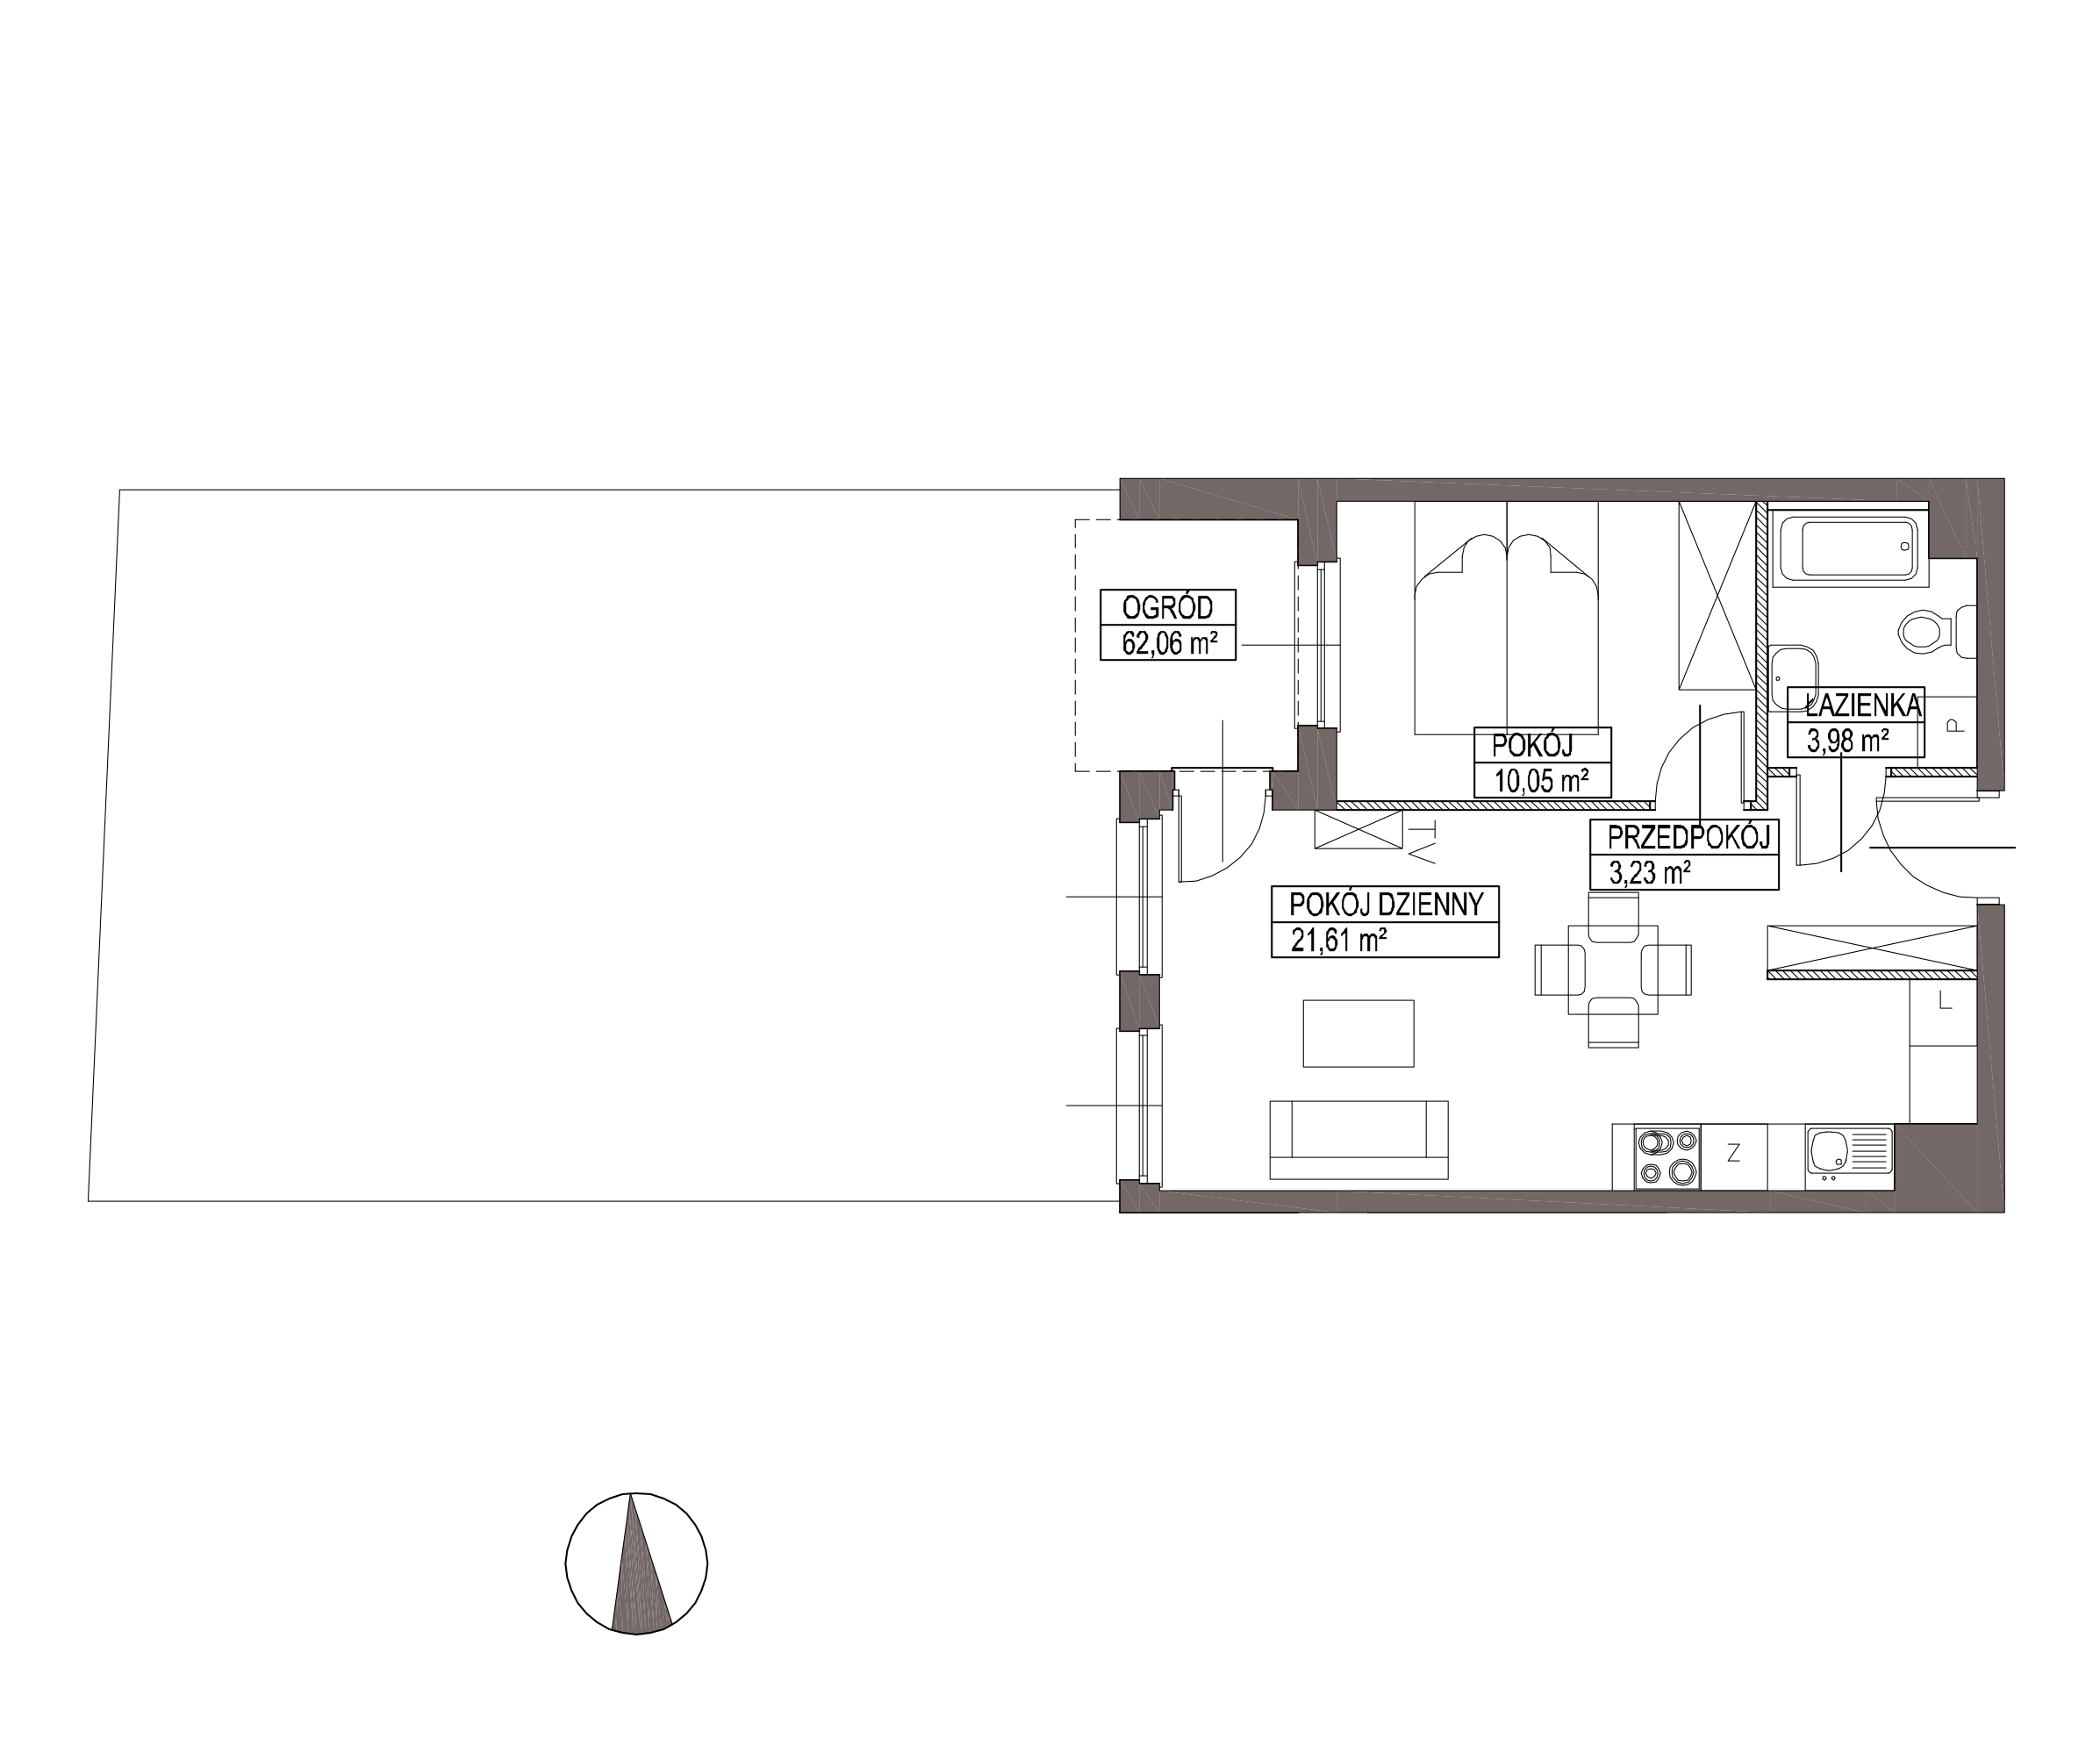 Kameralna Olszówka / budynek 1 / mieszkanie KO/B/0/2 rzut 1